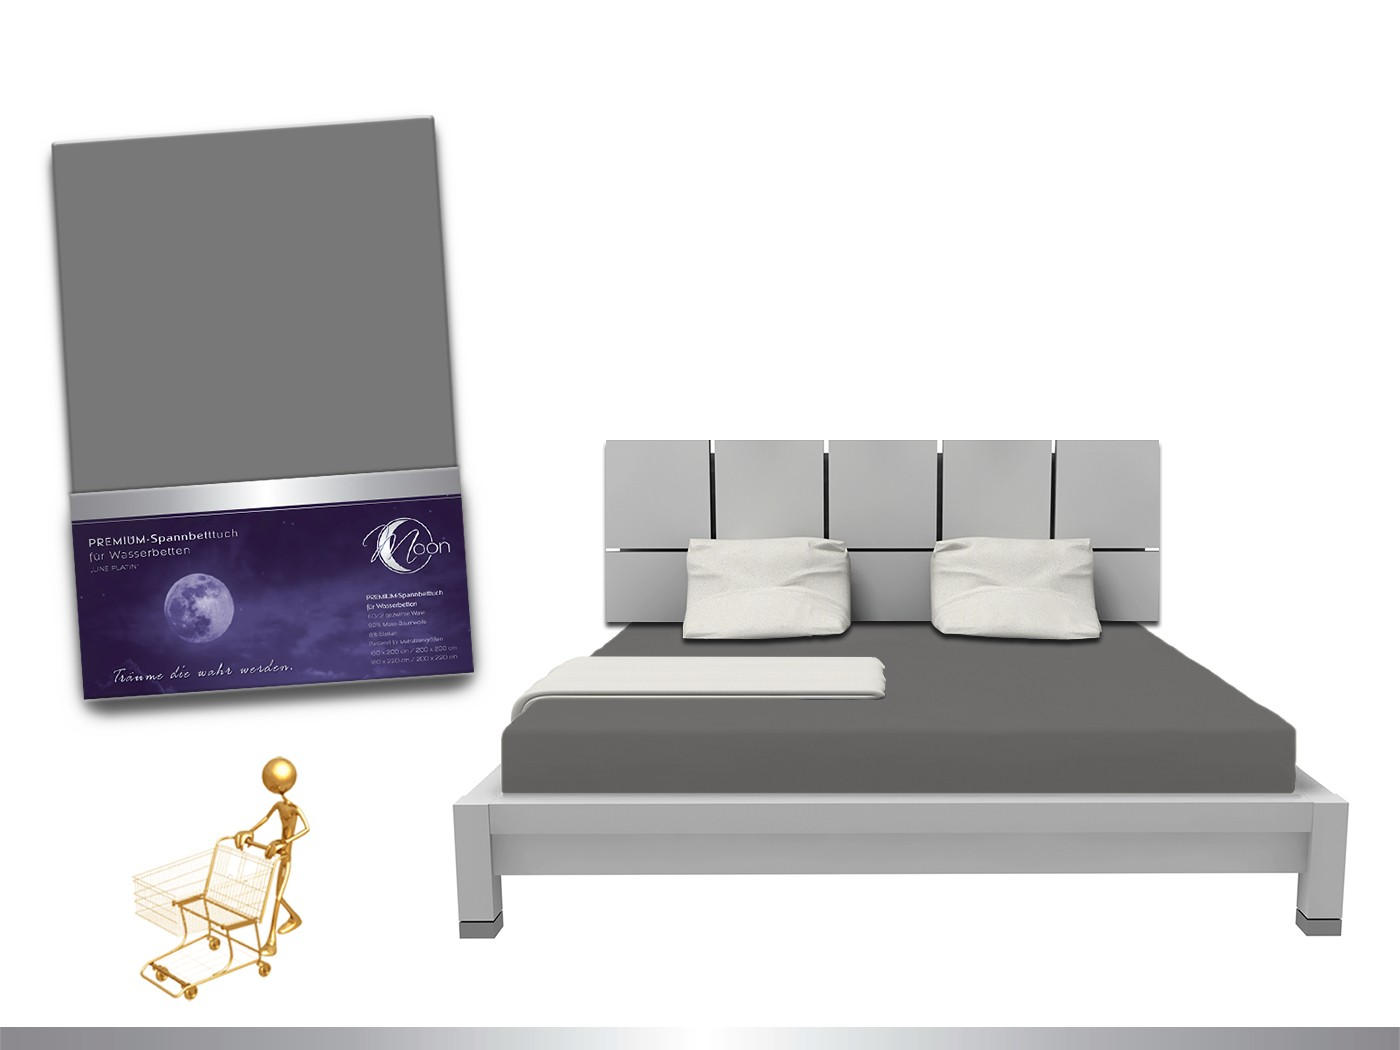 Full Size of Luxus Wasserbett Spannbettlaken Line Platin 180 200x220 240g M Betten 180x200 Ausklappbares Bett Mit Unterbett Weiß Musterring 180x220 Schramm Möbel Boss Bett Wasser Bett